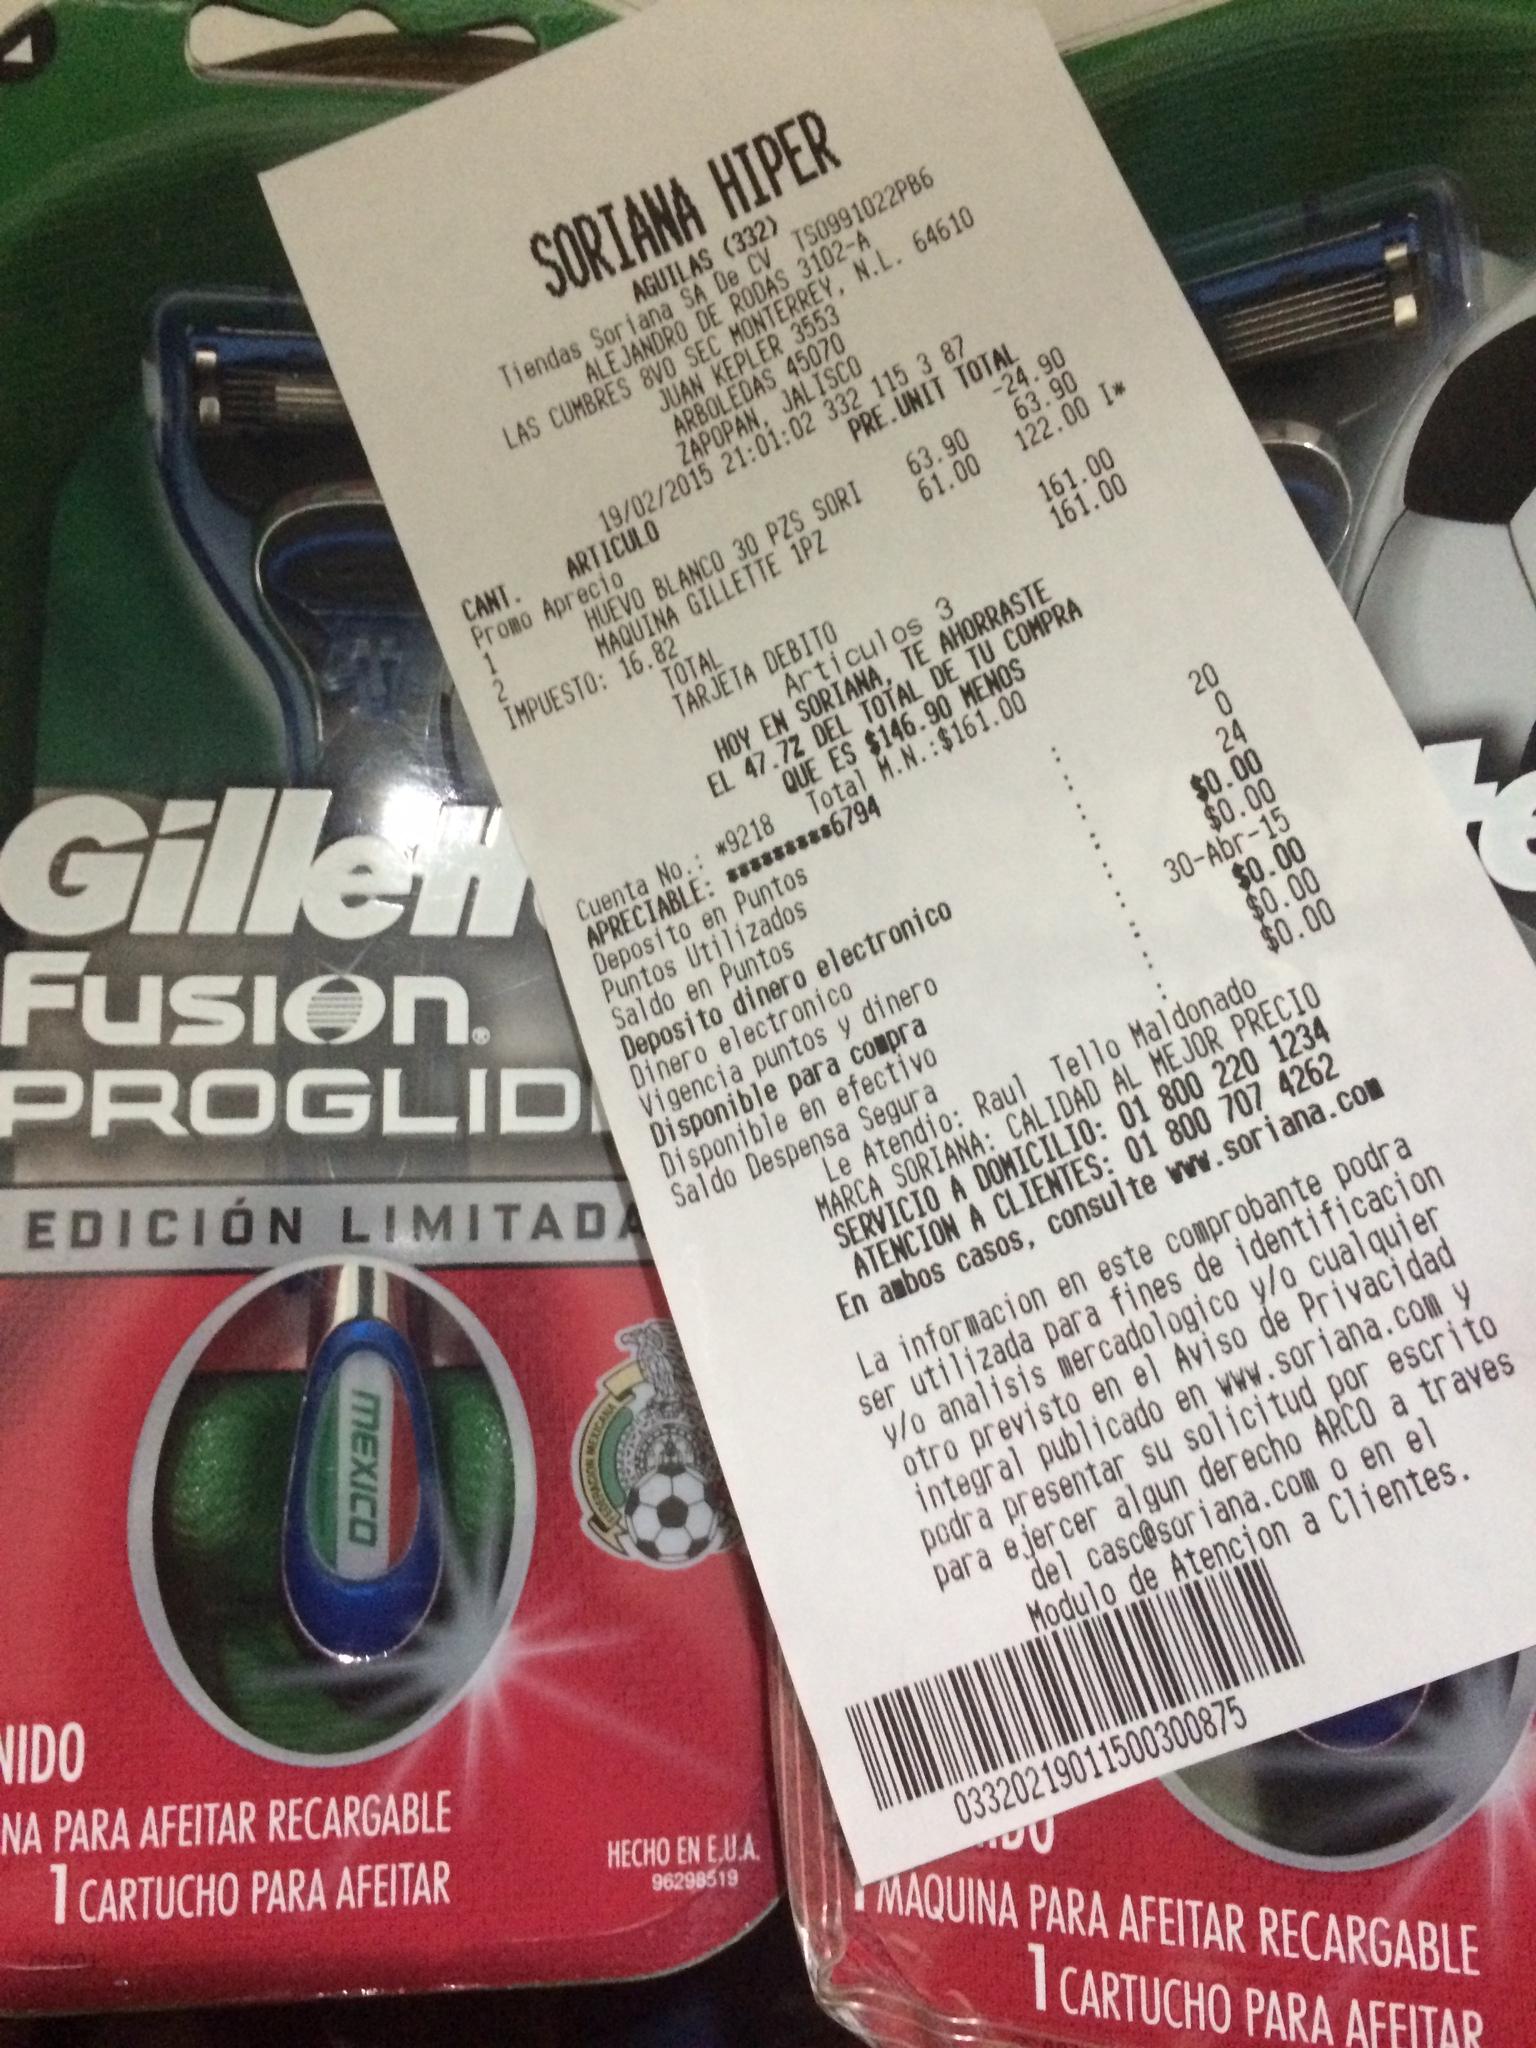 Soriana: Gillette Fusion Proglide Edicion Limitada a mitad de precio.